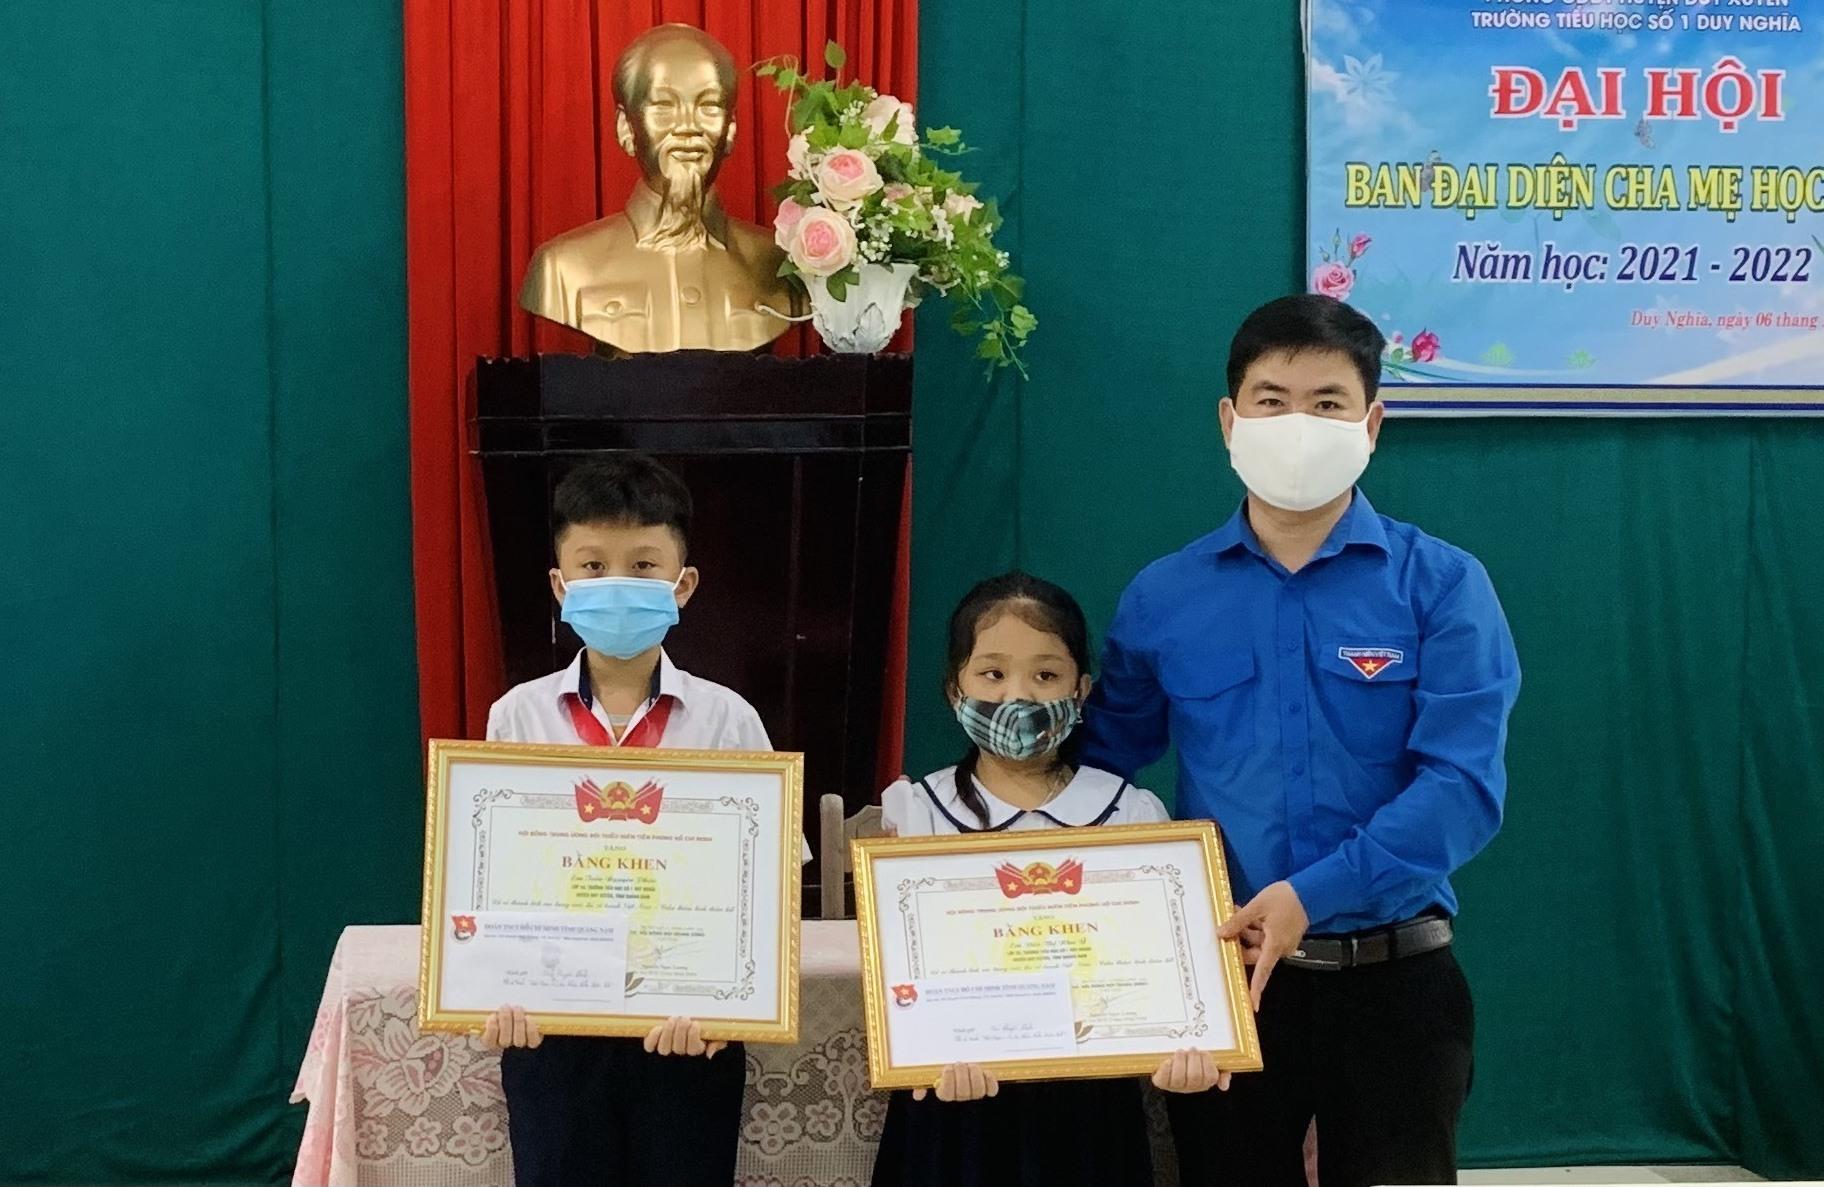 Khen thưởng 2 em học sinh trường TH số 1 Duy Nghĩa vì đã tham gia tốt cuộc thi Việt Nam - Cuba thắm tình hữu nghị. Ảnh: THU VU